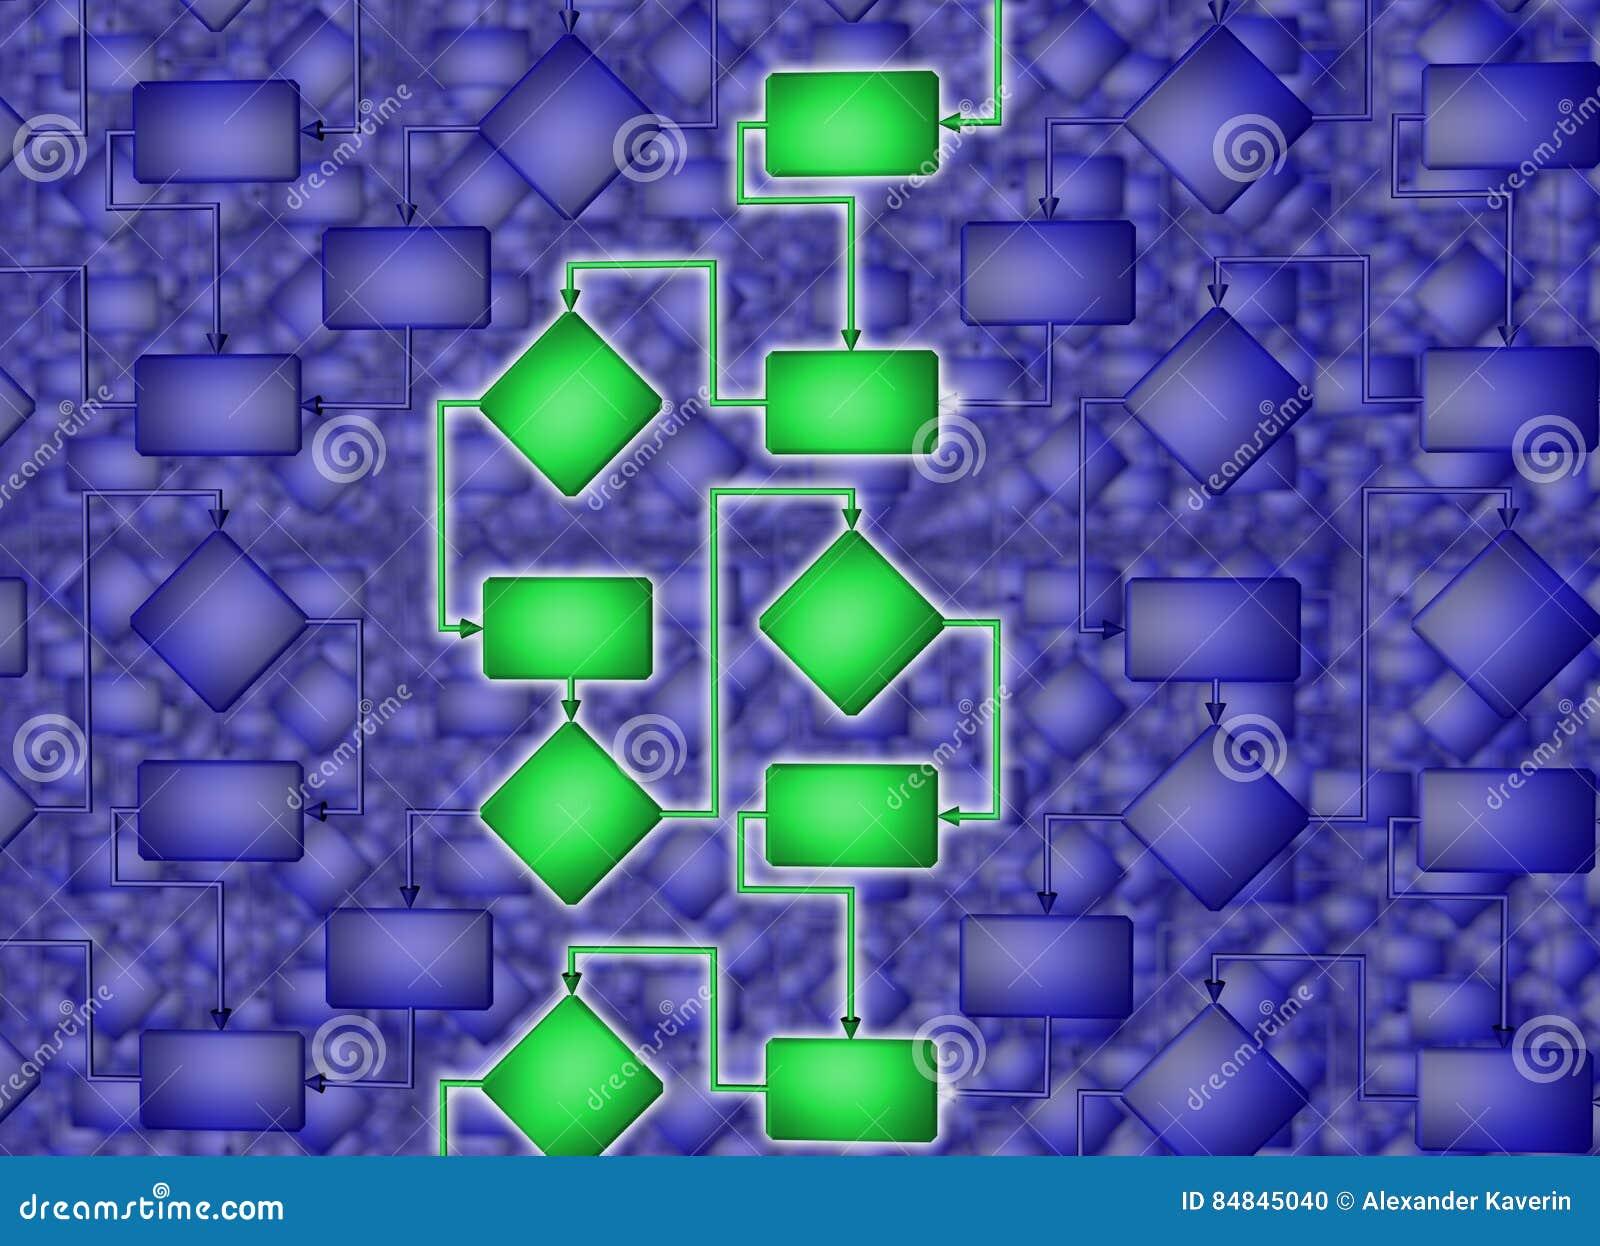 La soluzione del problema Soluzione corretta flowchart illustrazione 3D